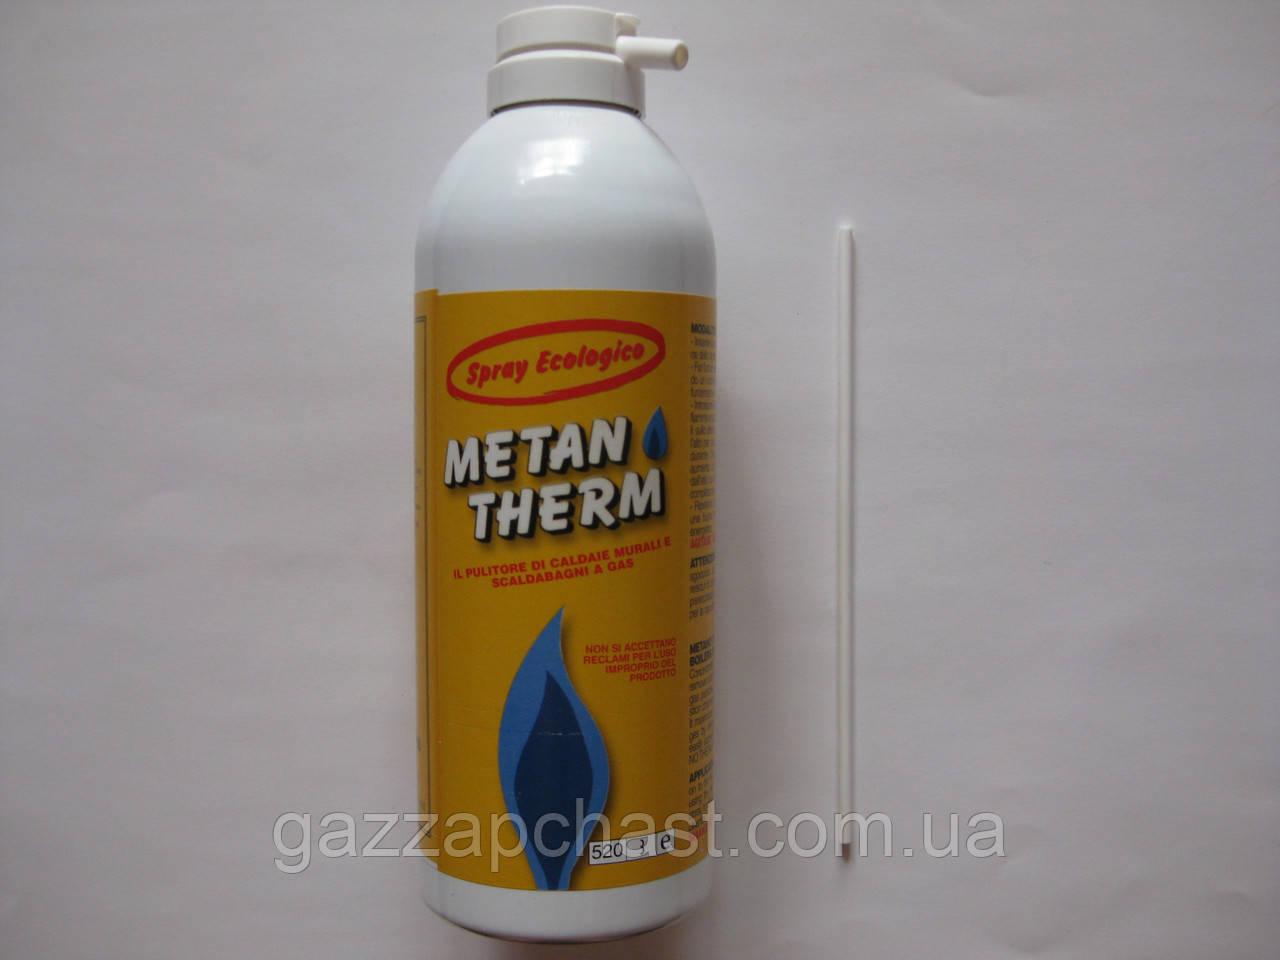 Спрей для очистки от сажи METANO THERM SPRAY (750600002)